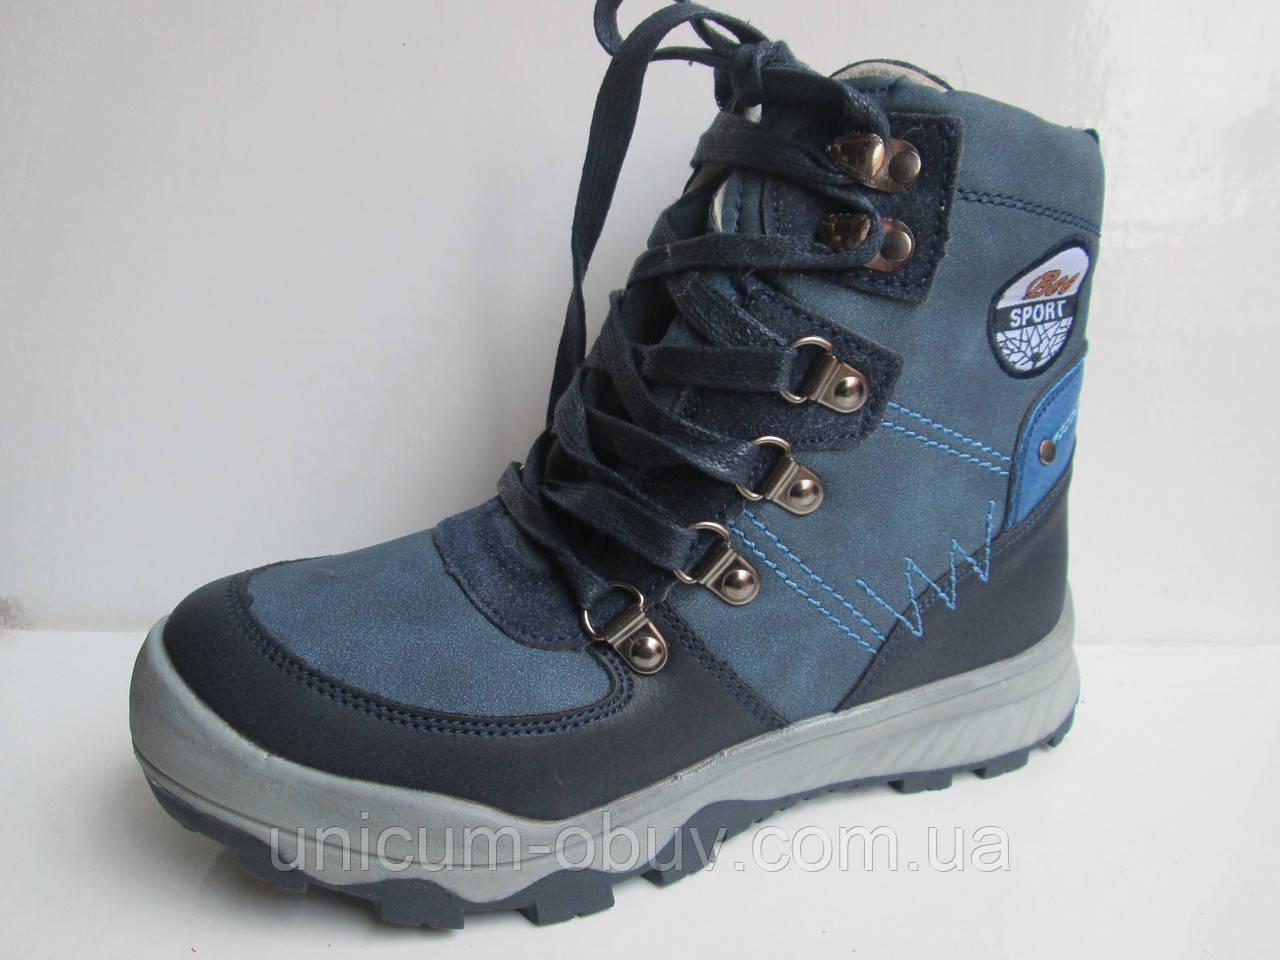 9aaad5887b7b0b Детская зимняя обувь оптом.Сапоги для мальчиков от фирмы-Clibee разм (с  32-по 37)